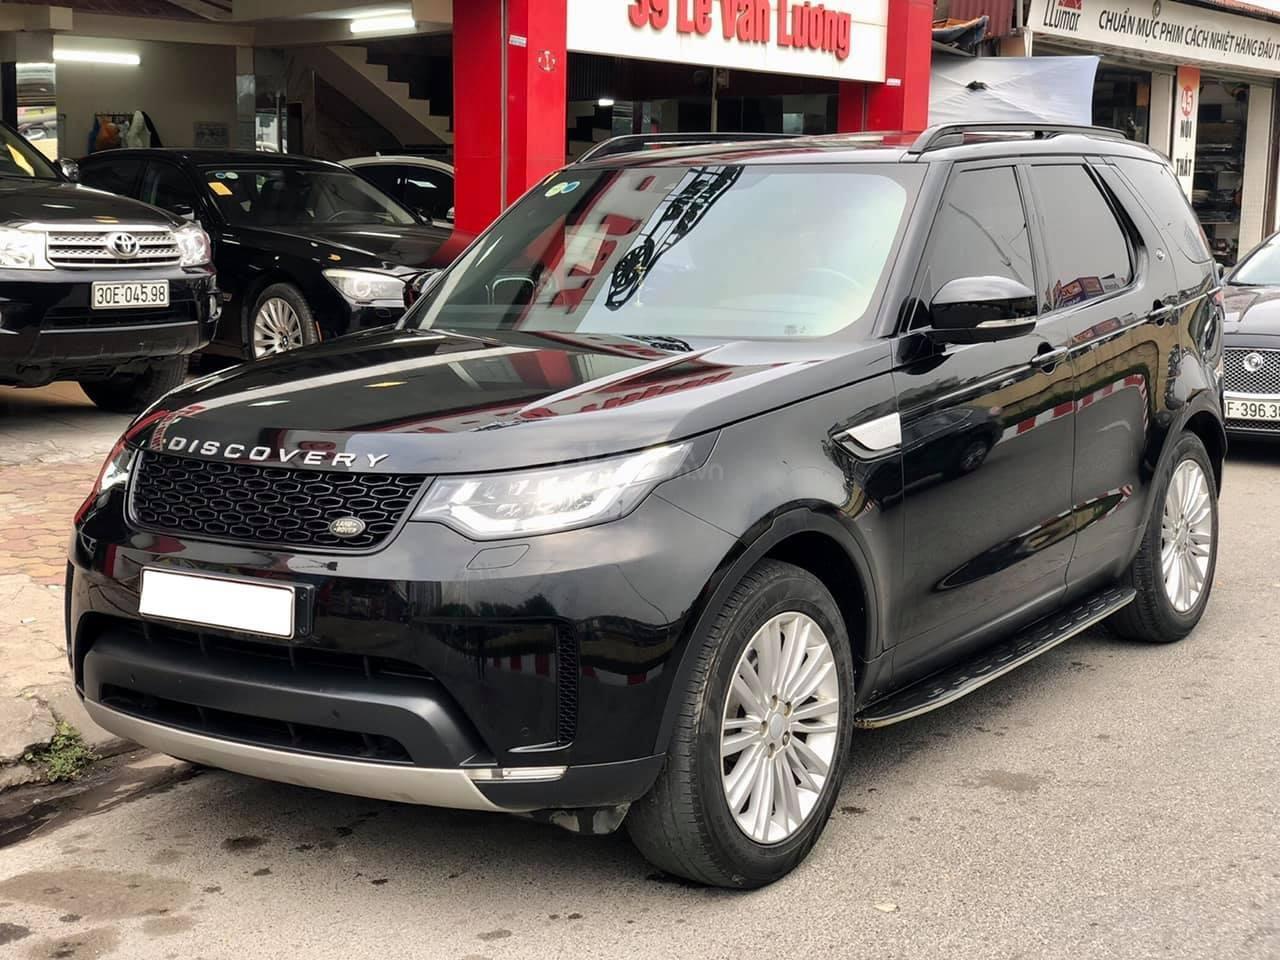 Bán LandRover Discovery HSE Luxury 3.0L model 2018, đẹp như mới (2)